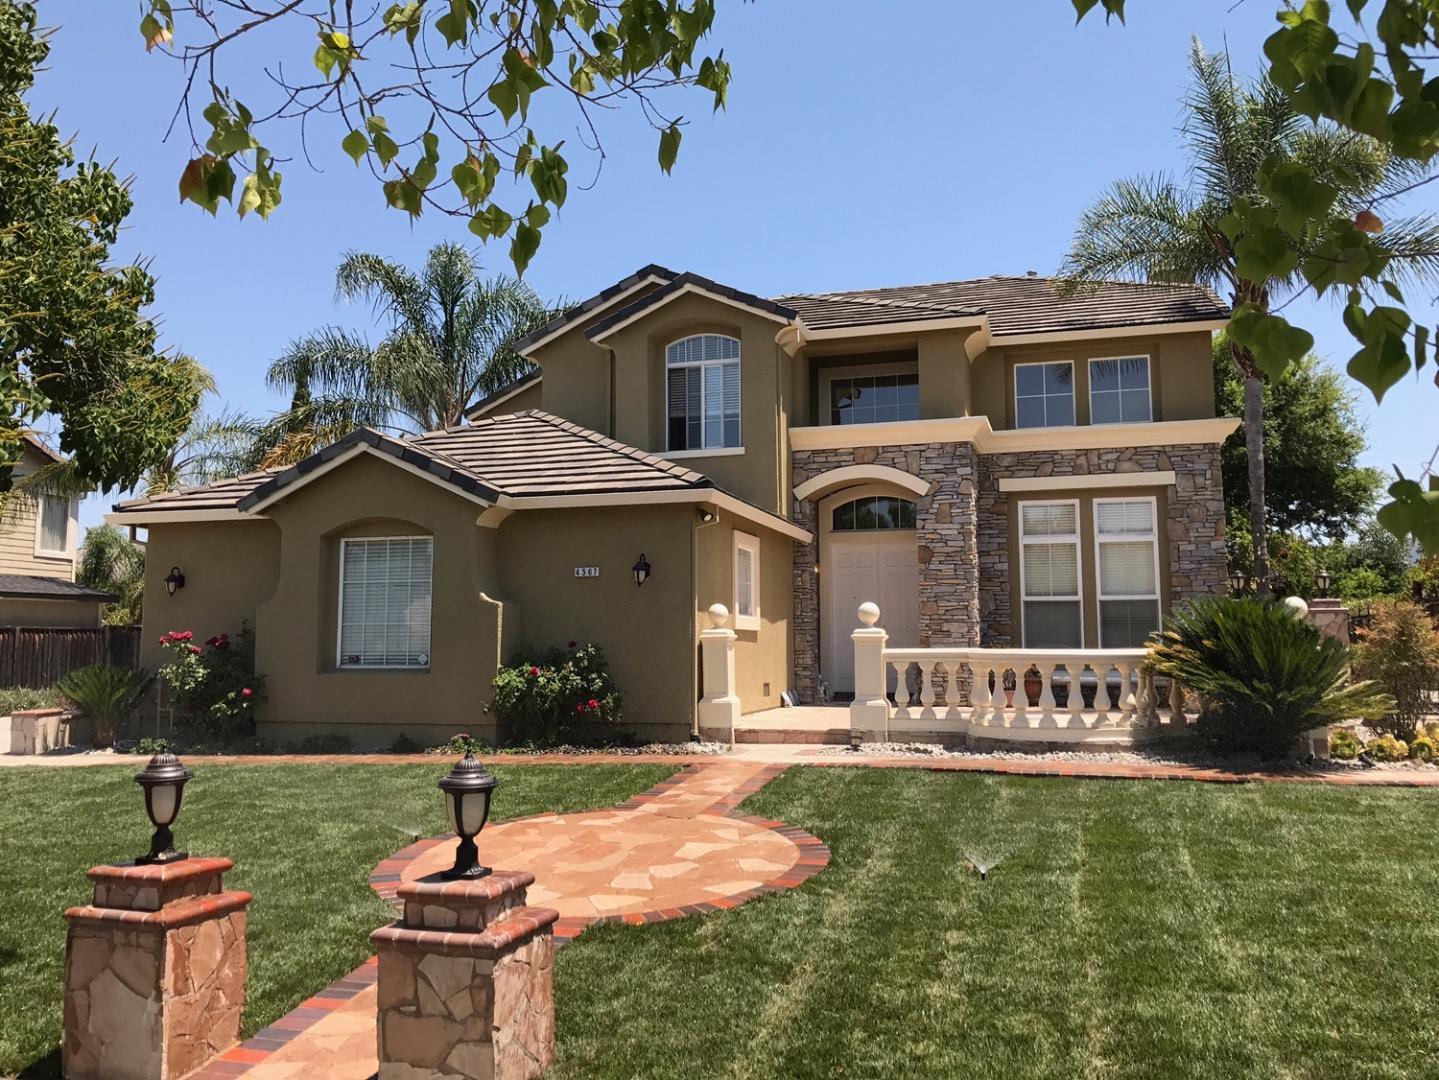 一戸建て のために 売買 アット 4567 Terra Place San Jose, カリフォルニア 95121 アメリカ合衆国